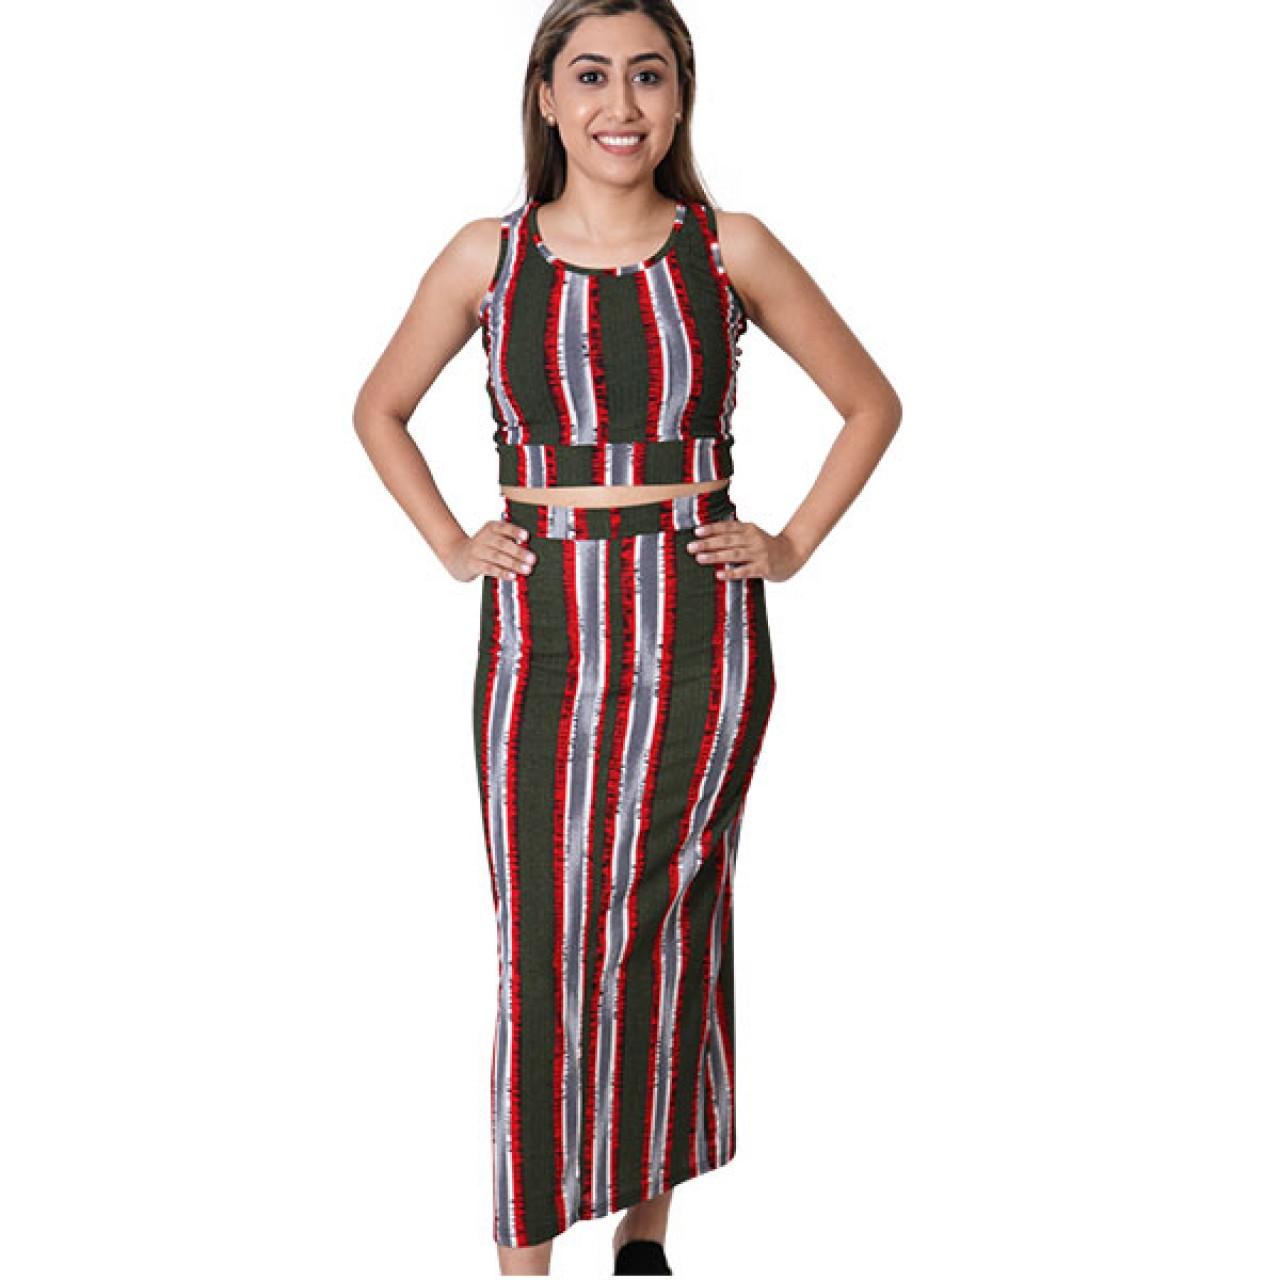 Women's New Style USA MAXI dress